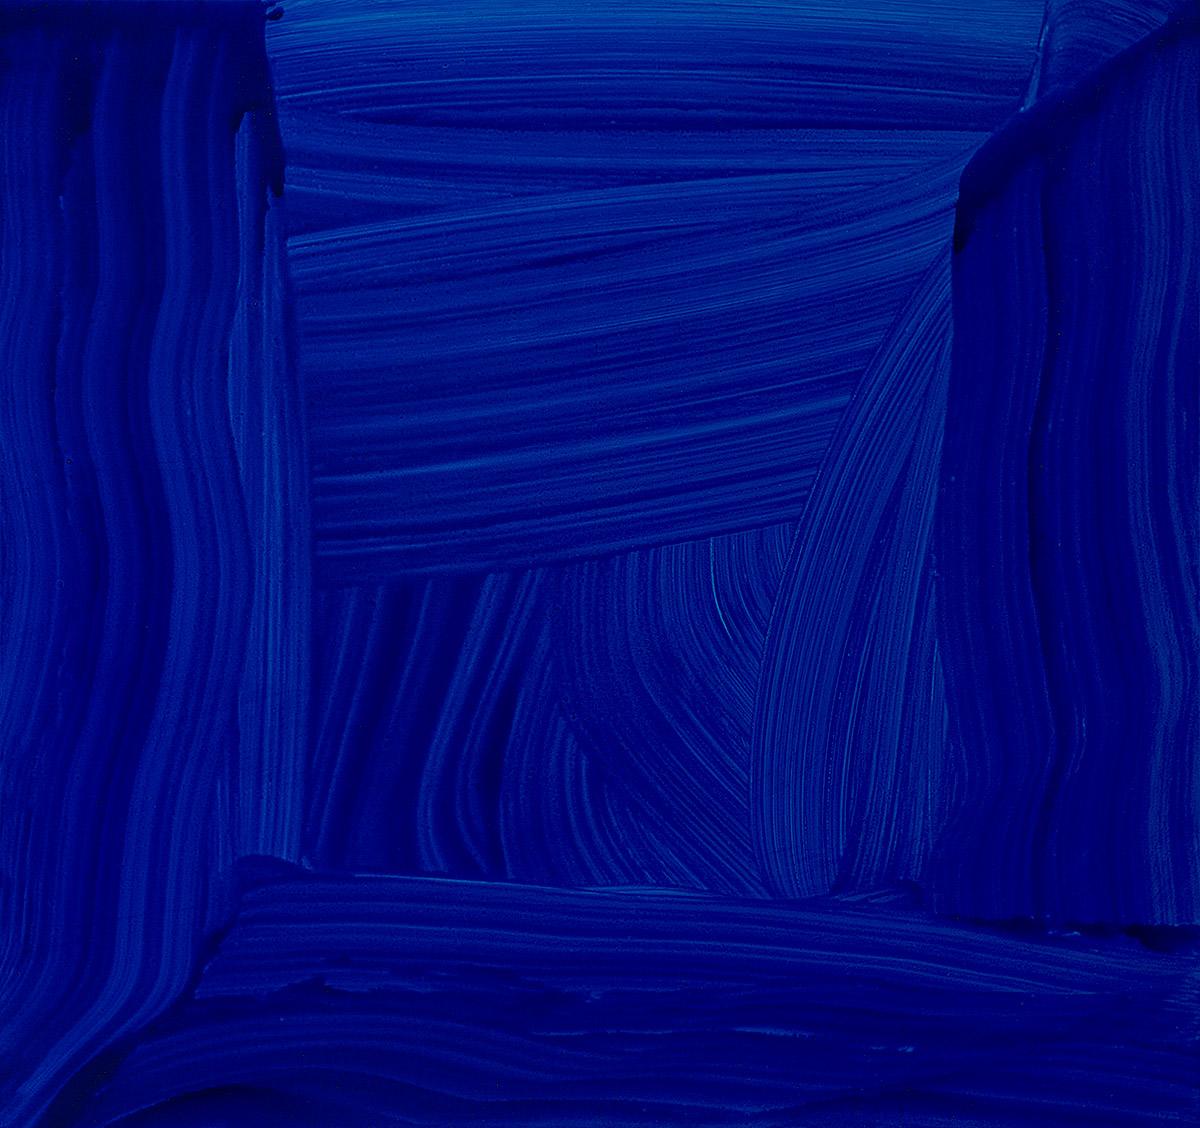 blue-bang